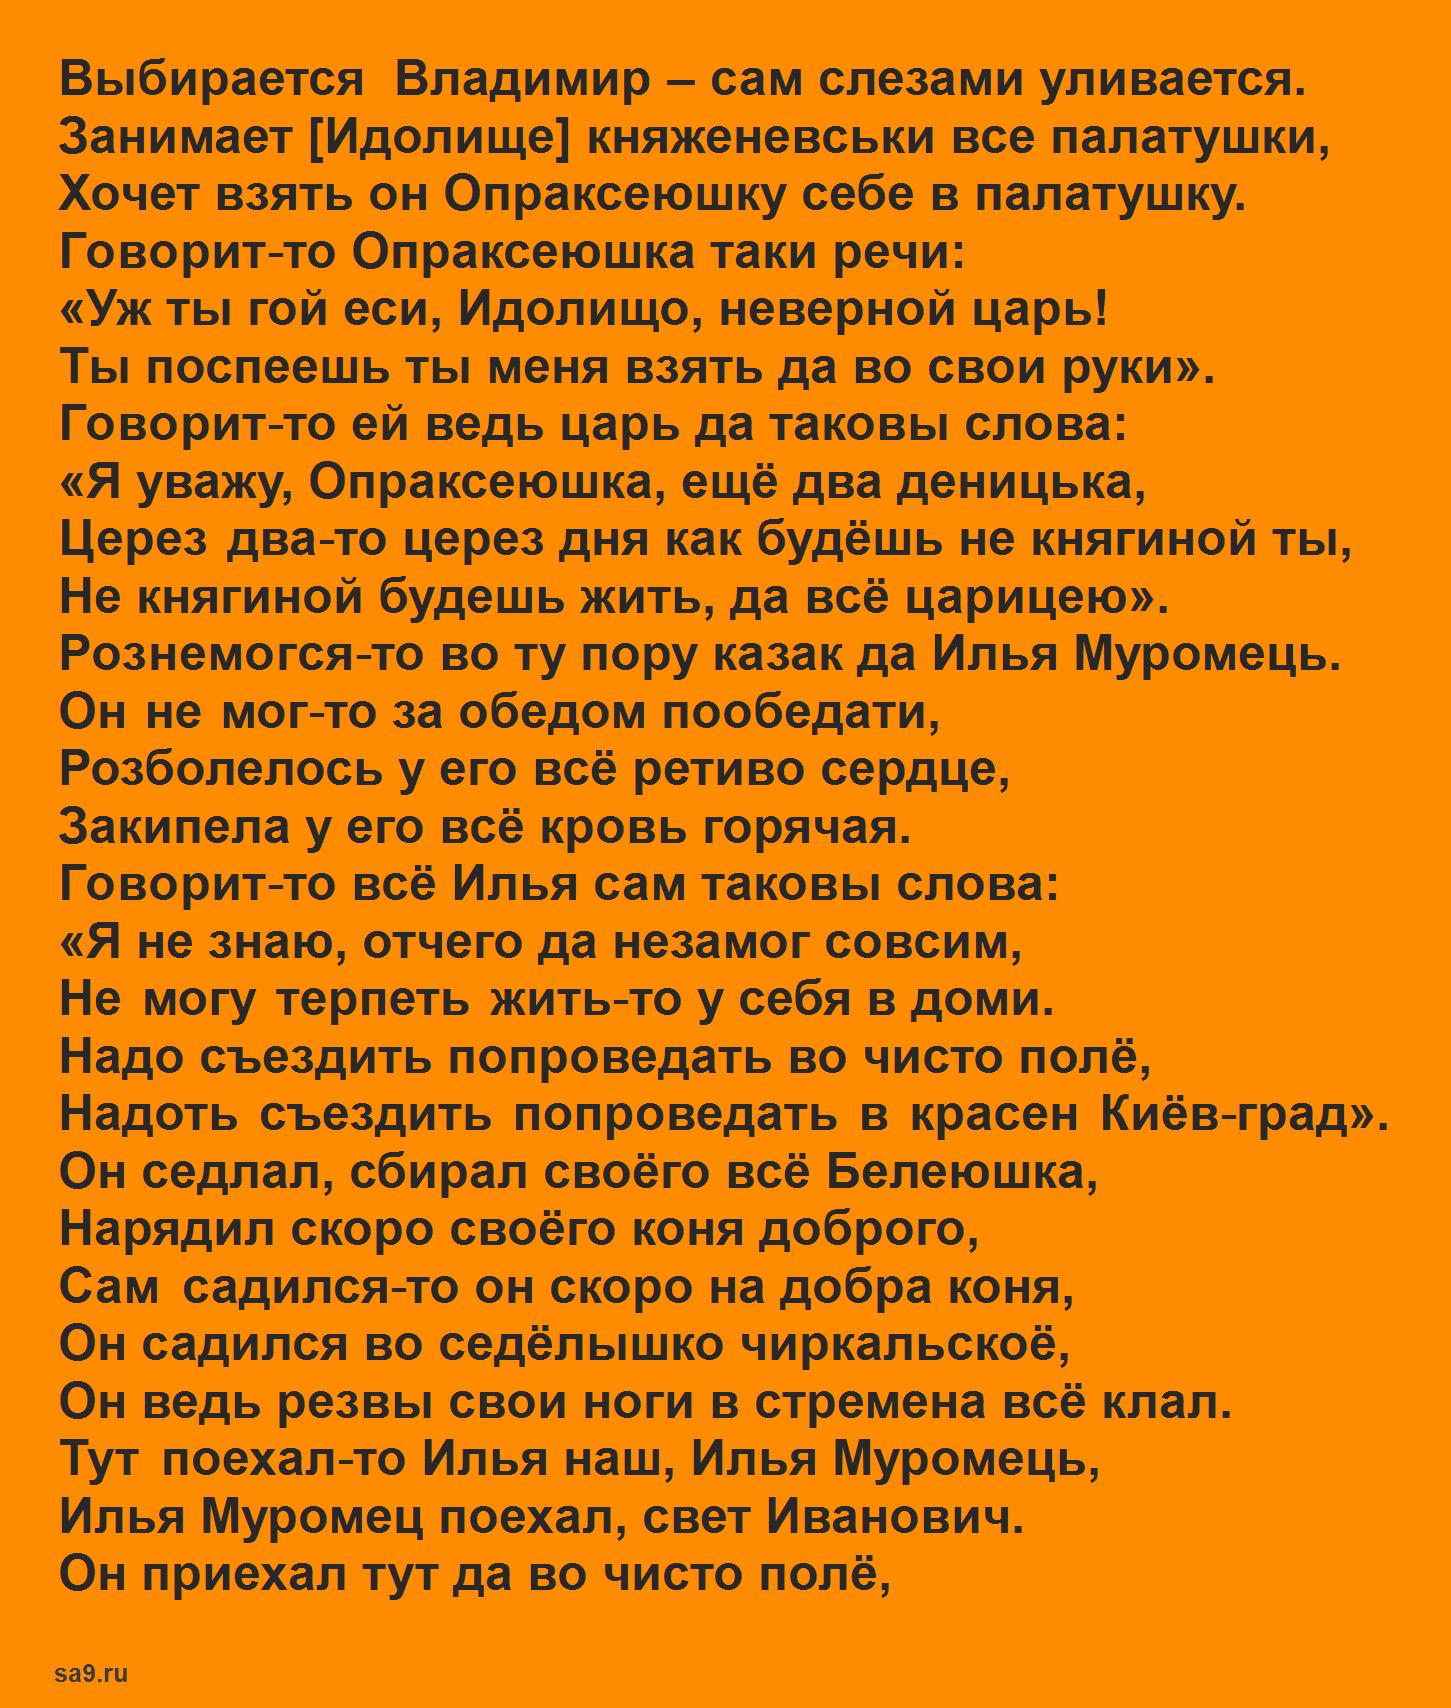 Читать былину - Илья Муромец и Идолище в Киеве, полностью